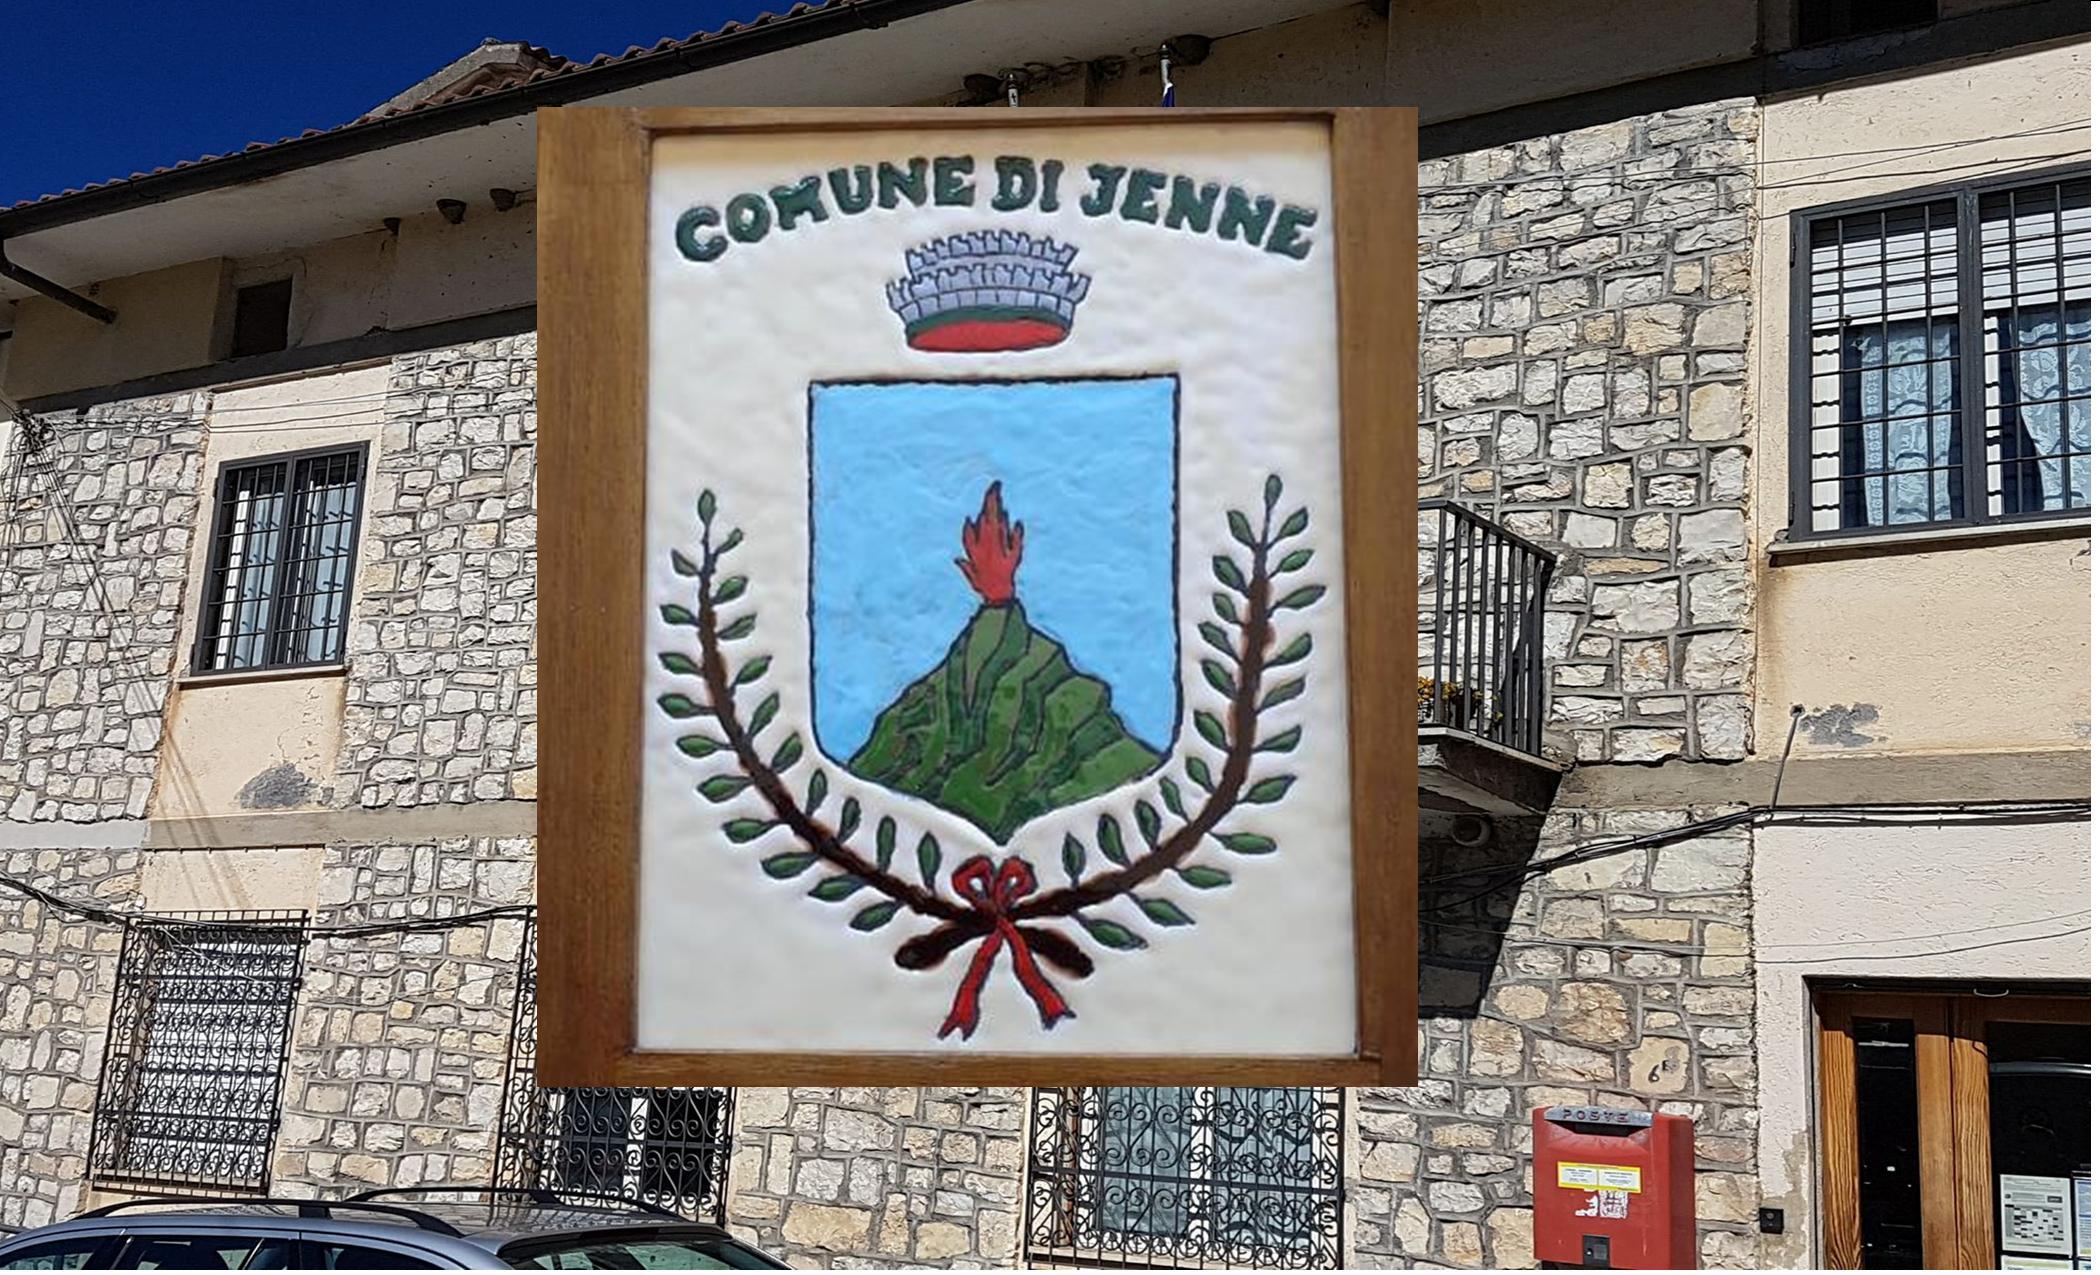 """La storia di Jenne attraverso lo stemma ufficiale che deriva dalle antichissime """"carbonere"""""""